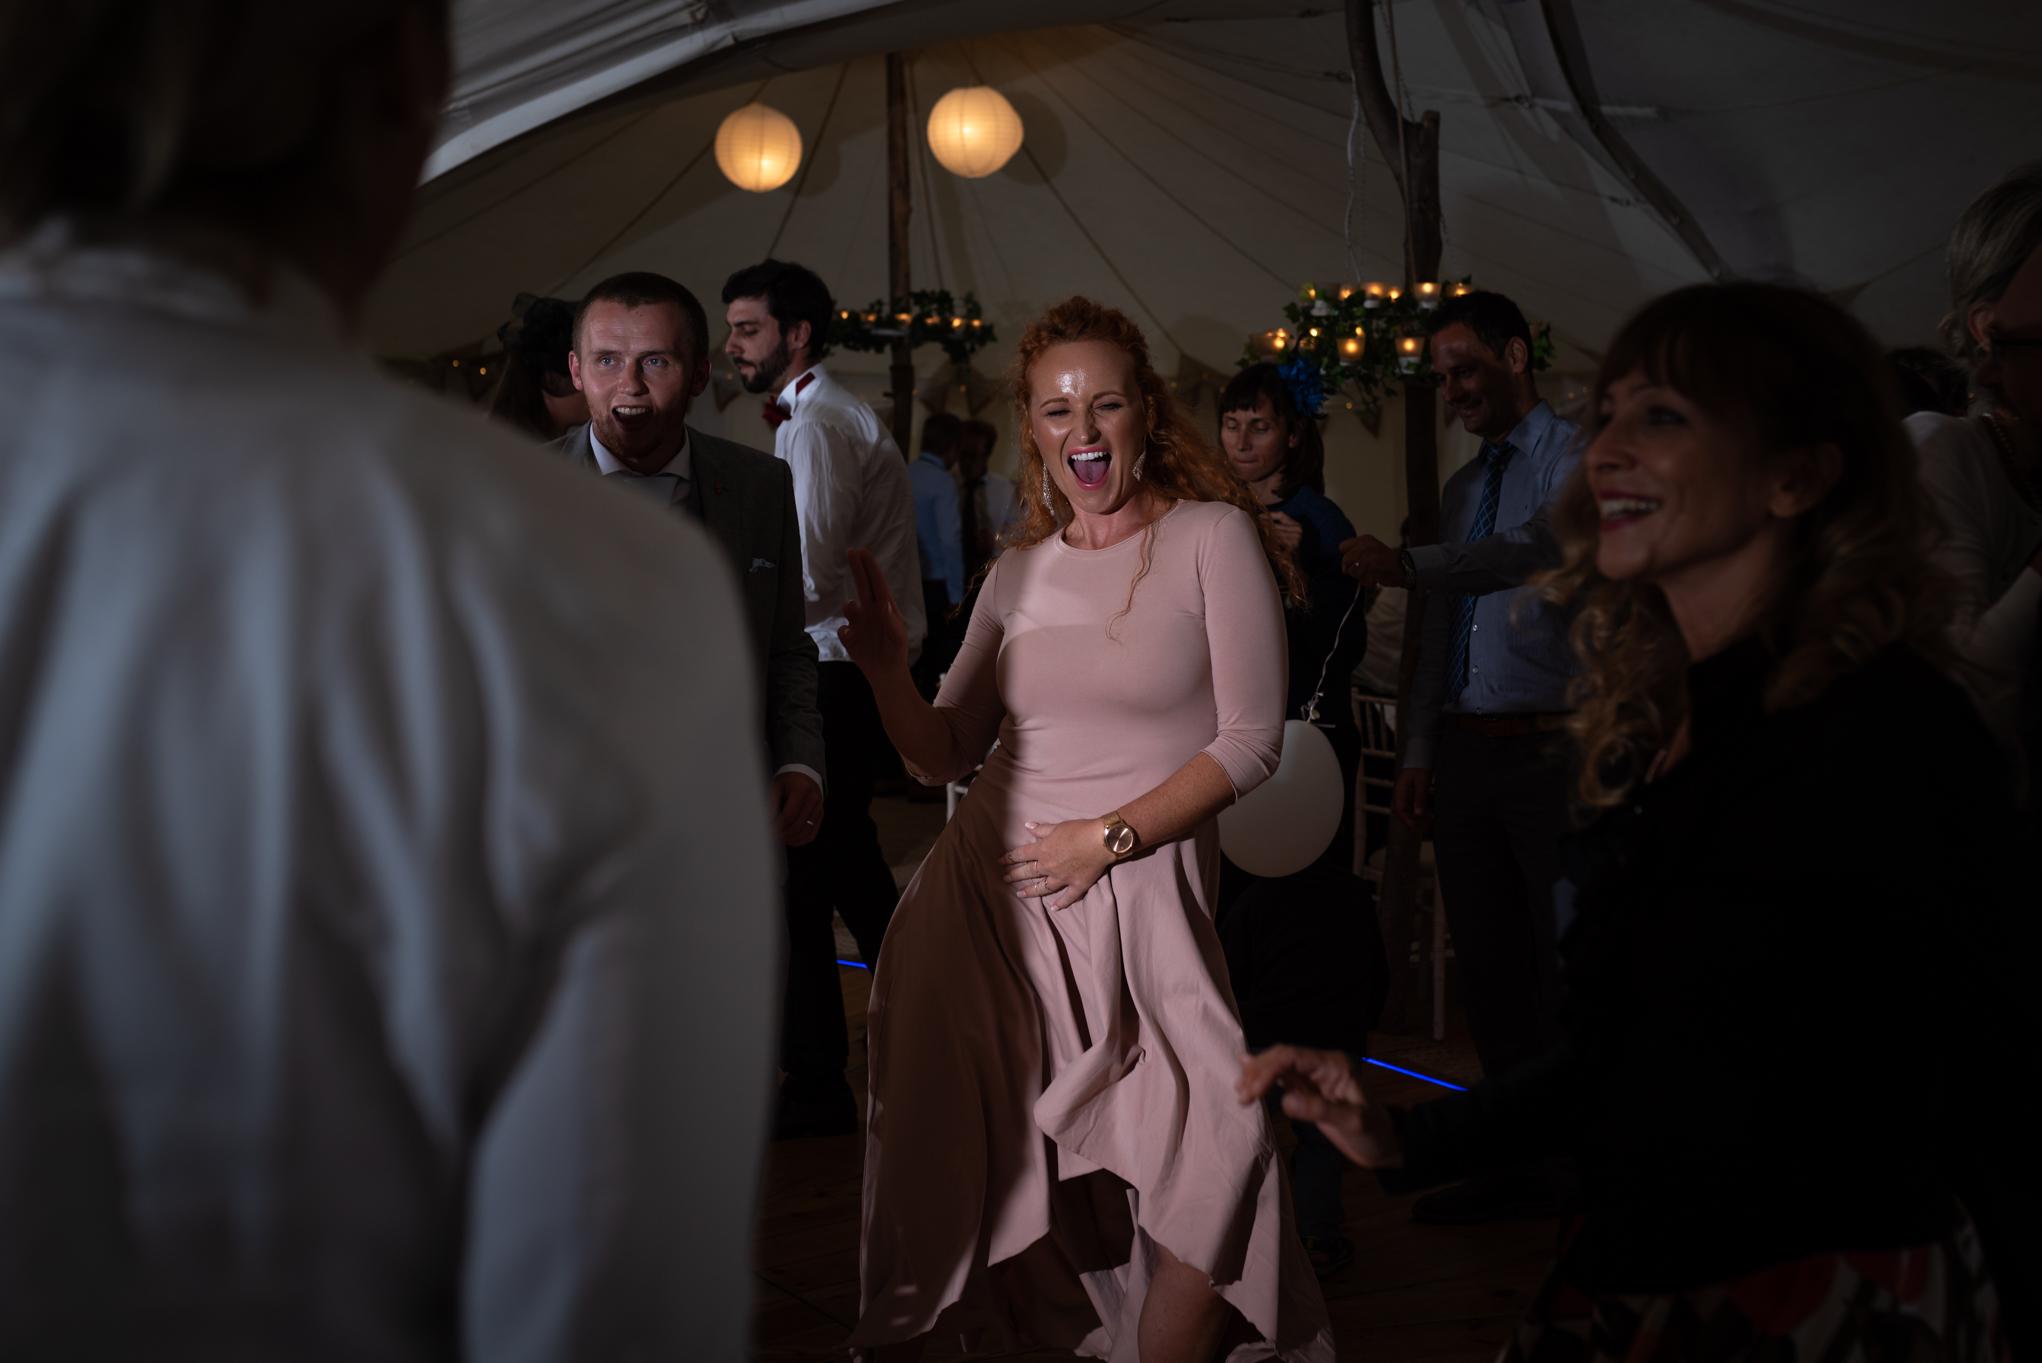 Copy of Bridesmaids Wedding Party Dancing